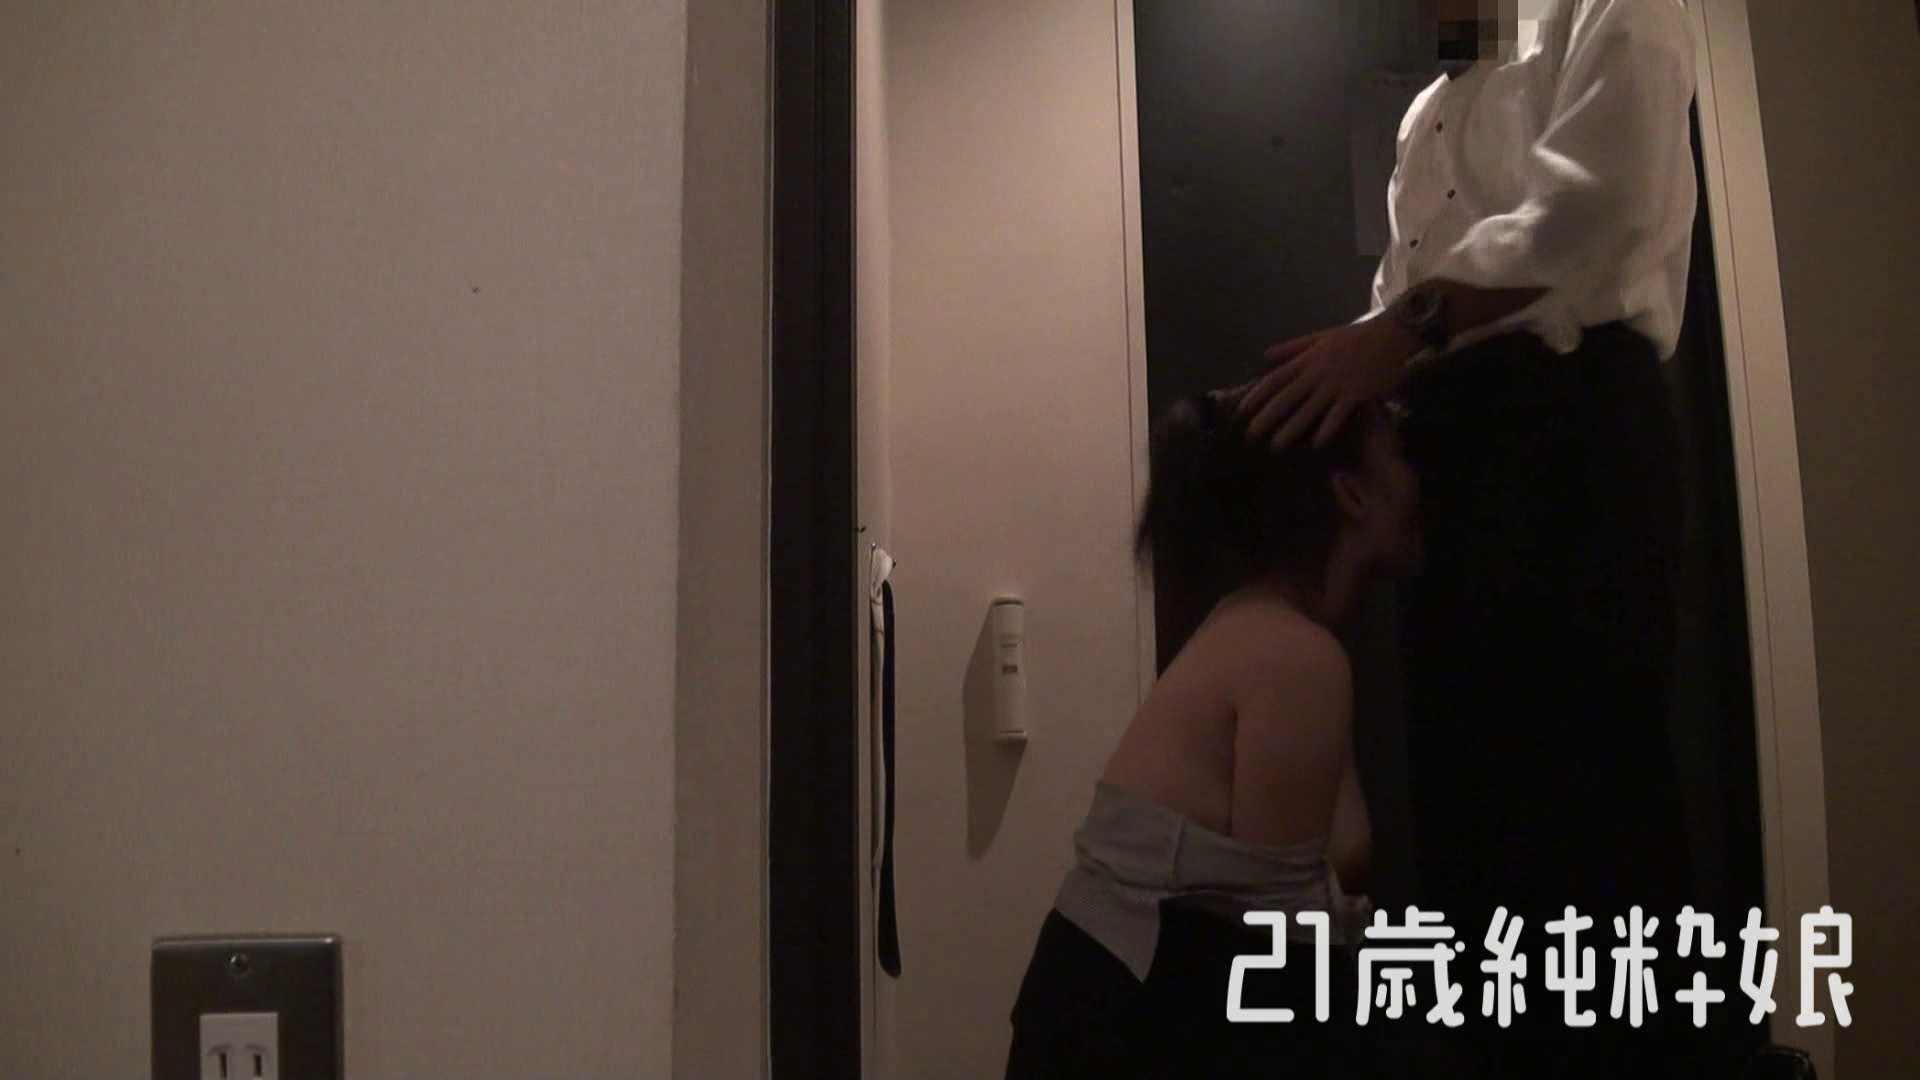 上京したばかりのGカップ21歳純粋嬢を都合の良い女にしてみた 出会い系 AV動画キャプチャ 86pic 56